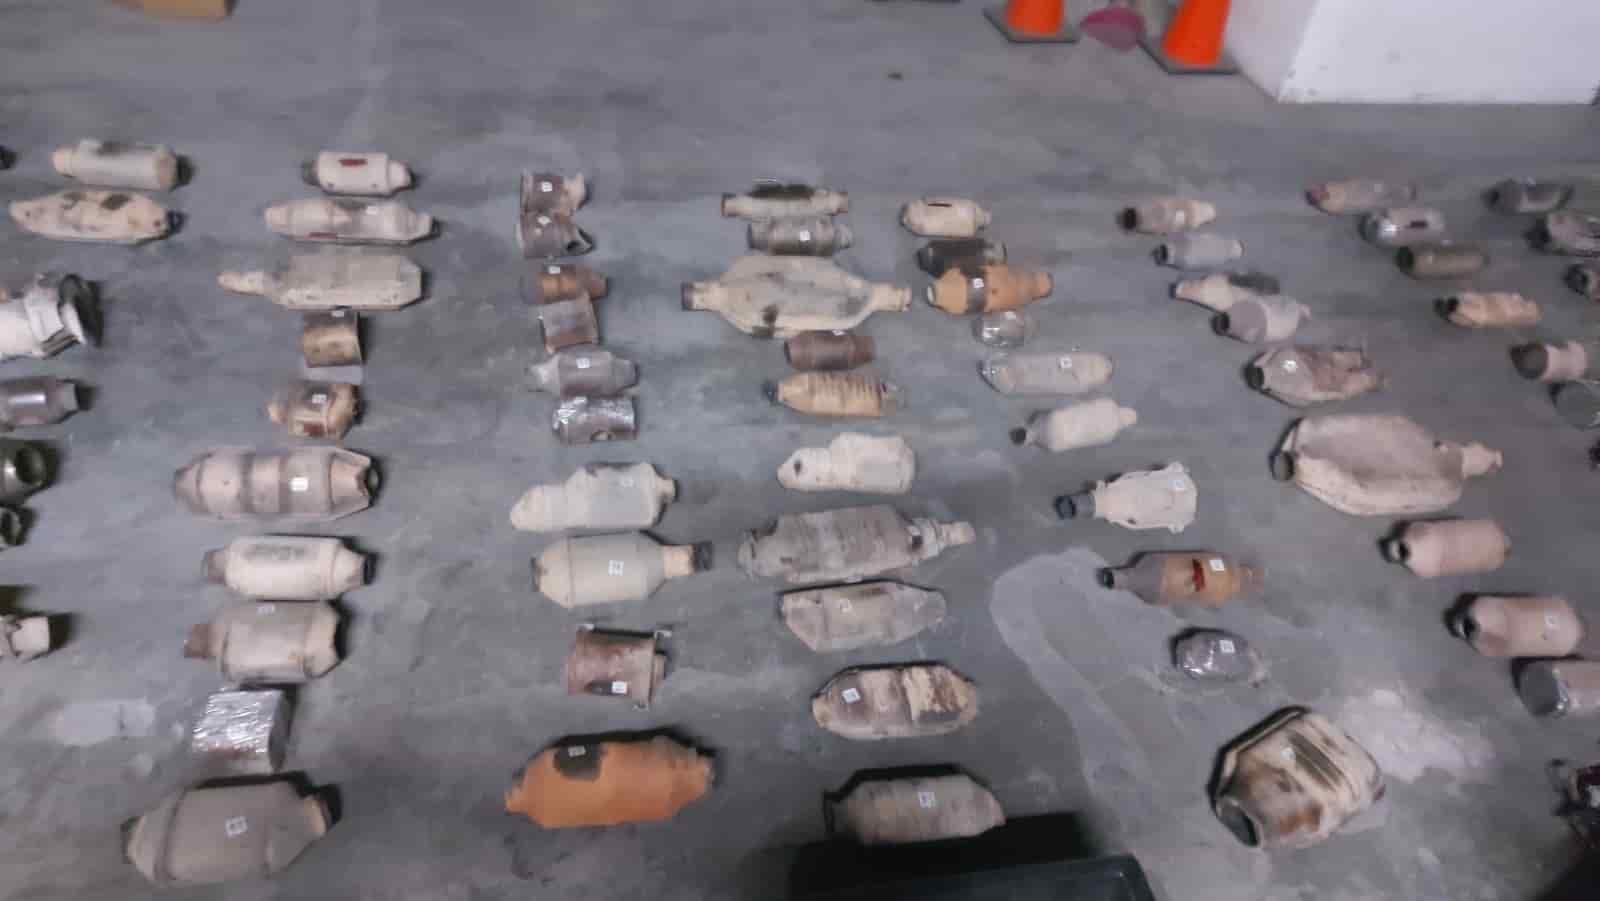 fueron encontrados 157 catalizadores de vehículos durante cateos en San Nicolás